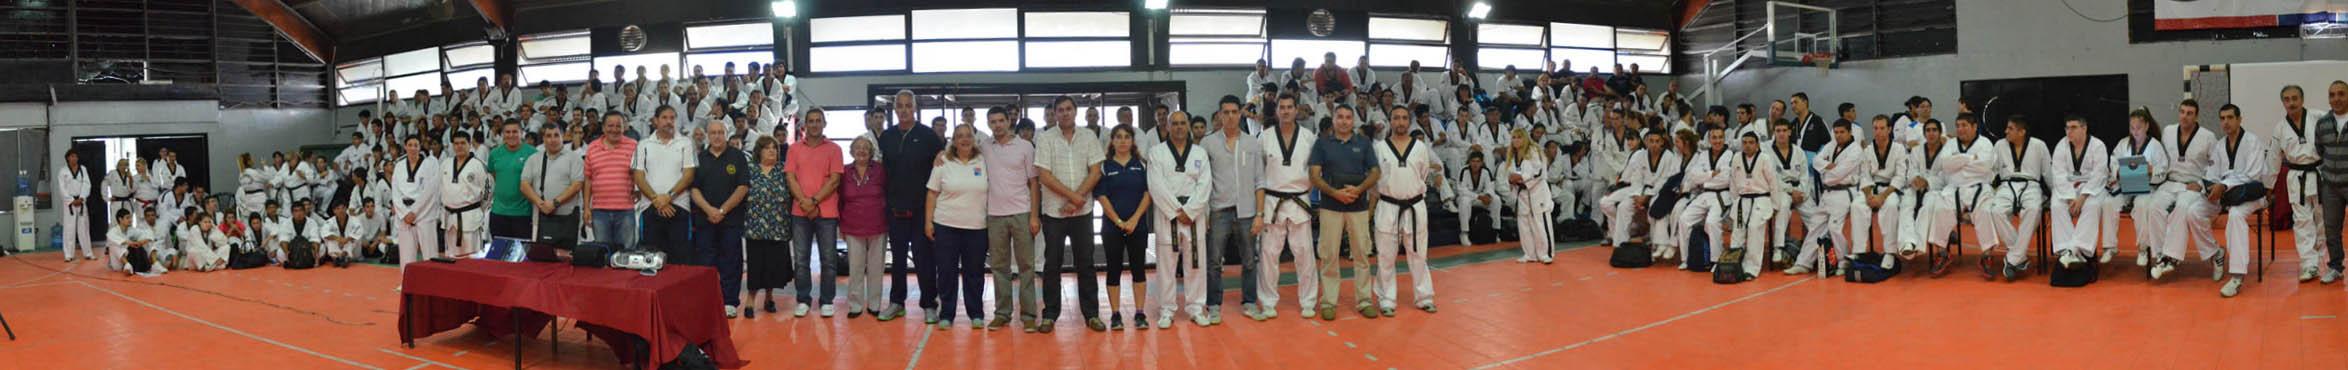 Panorama_Seminario032014